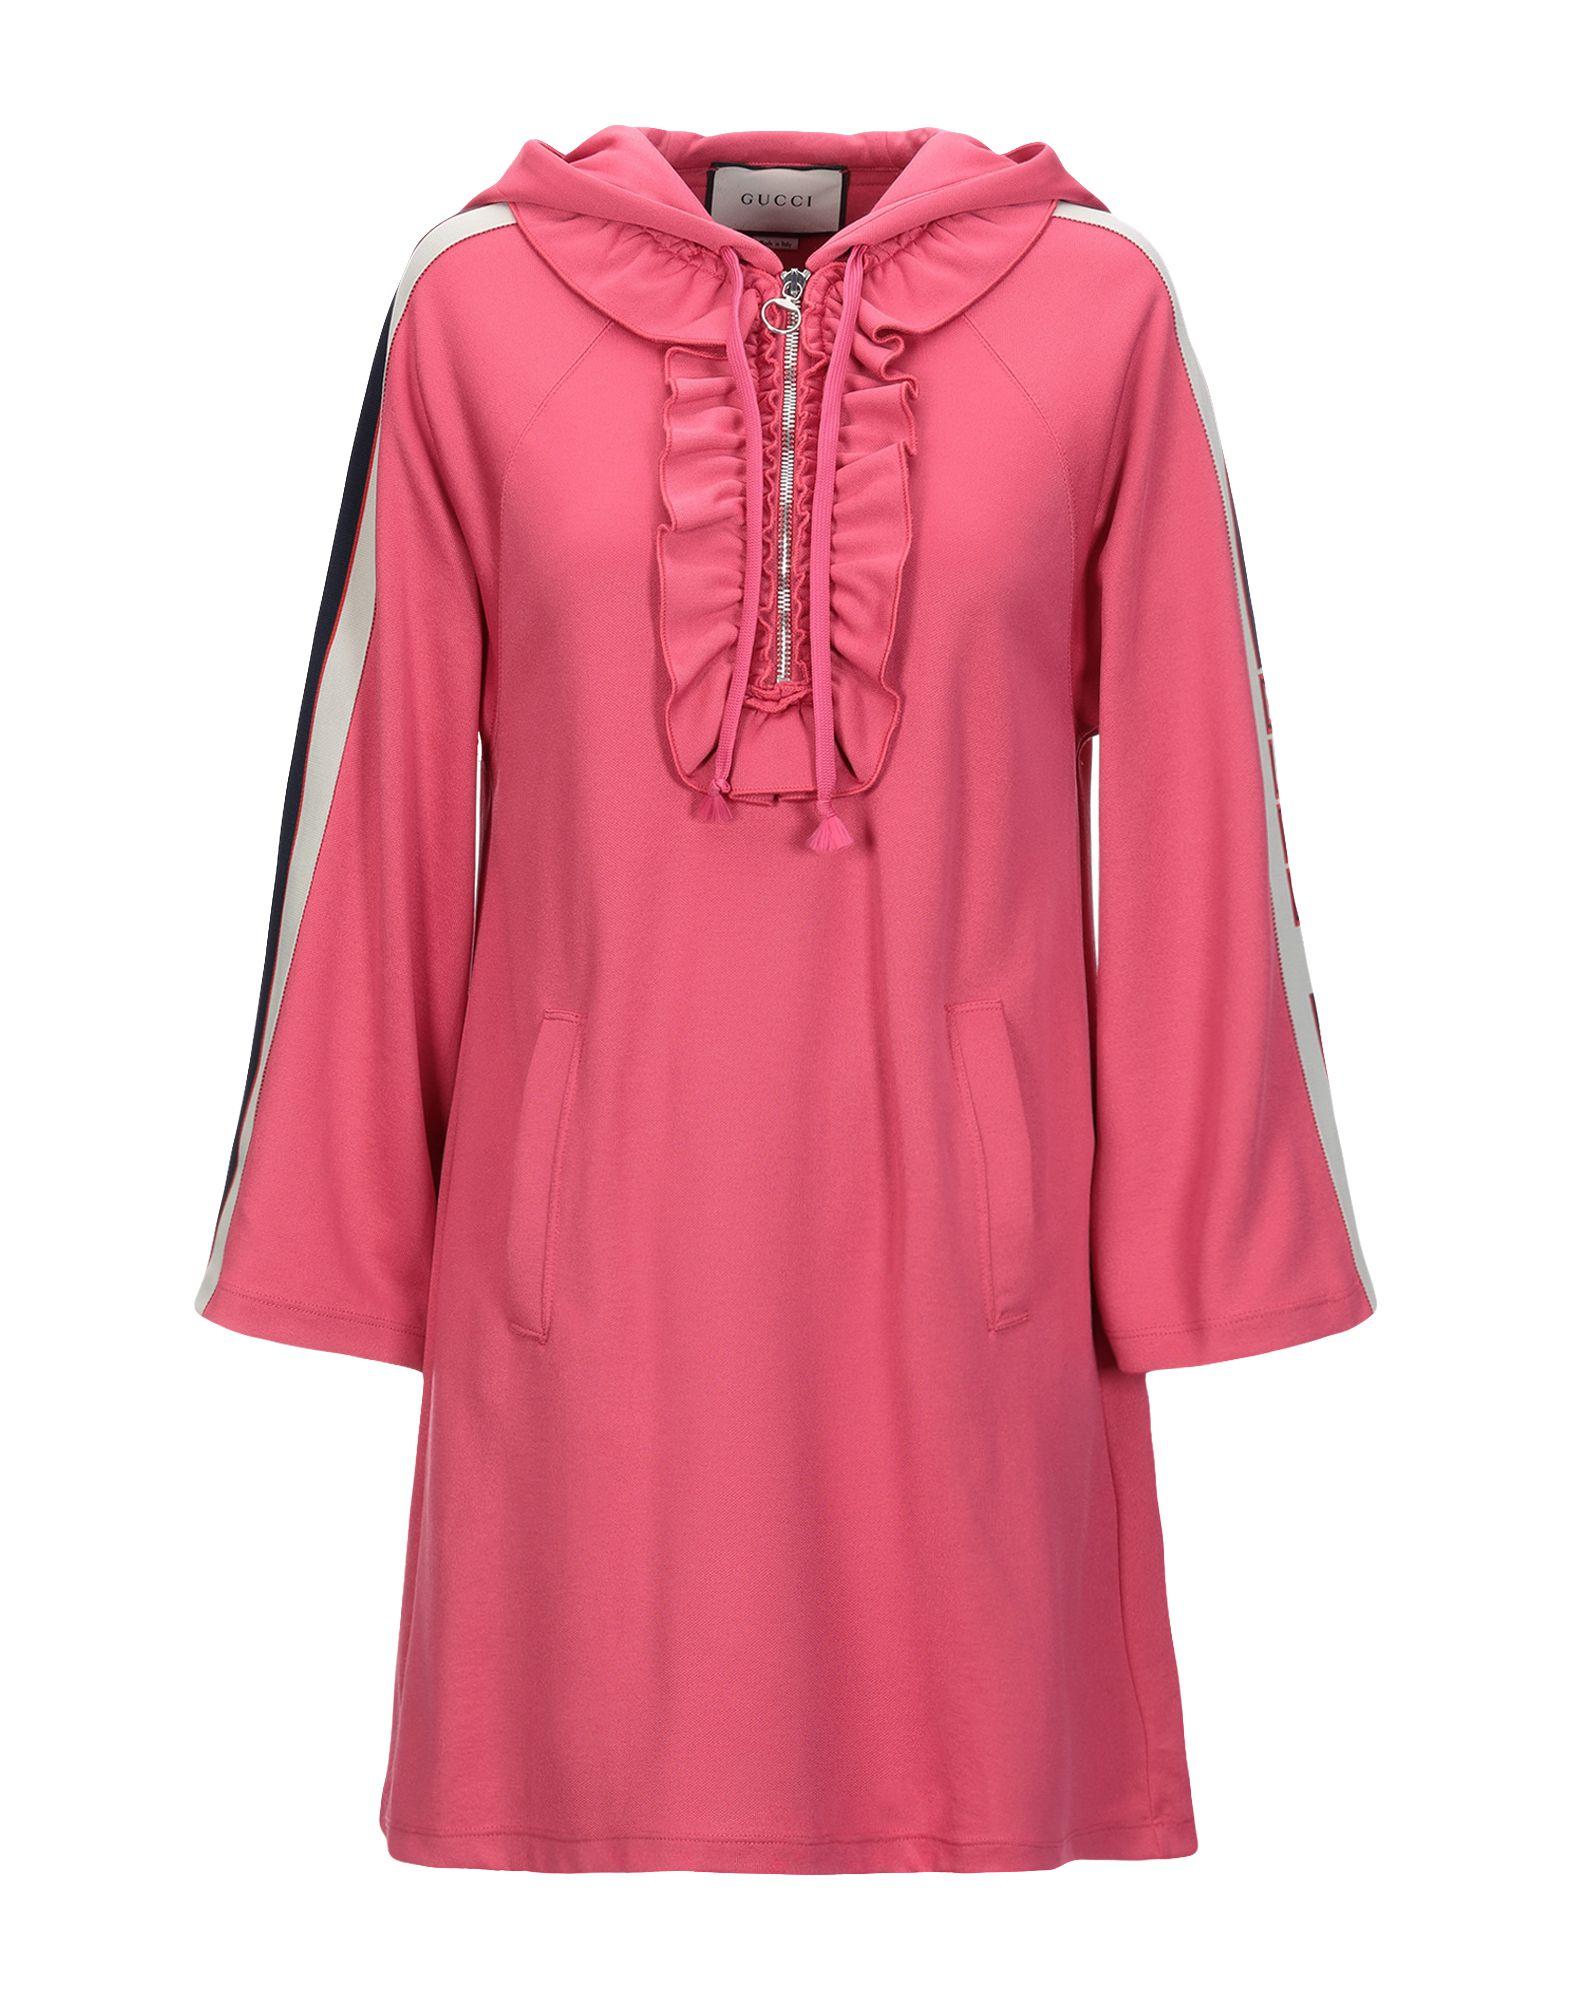 GUCCI Damen Kurzes Kleid Farbe Fuchsia Größe 3